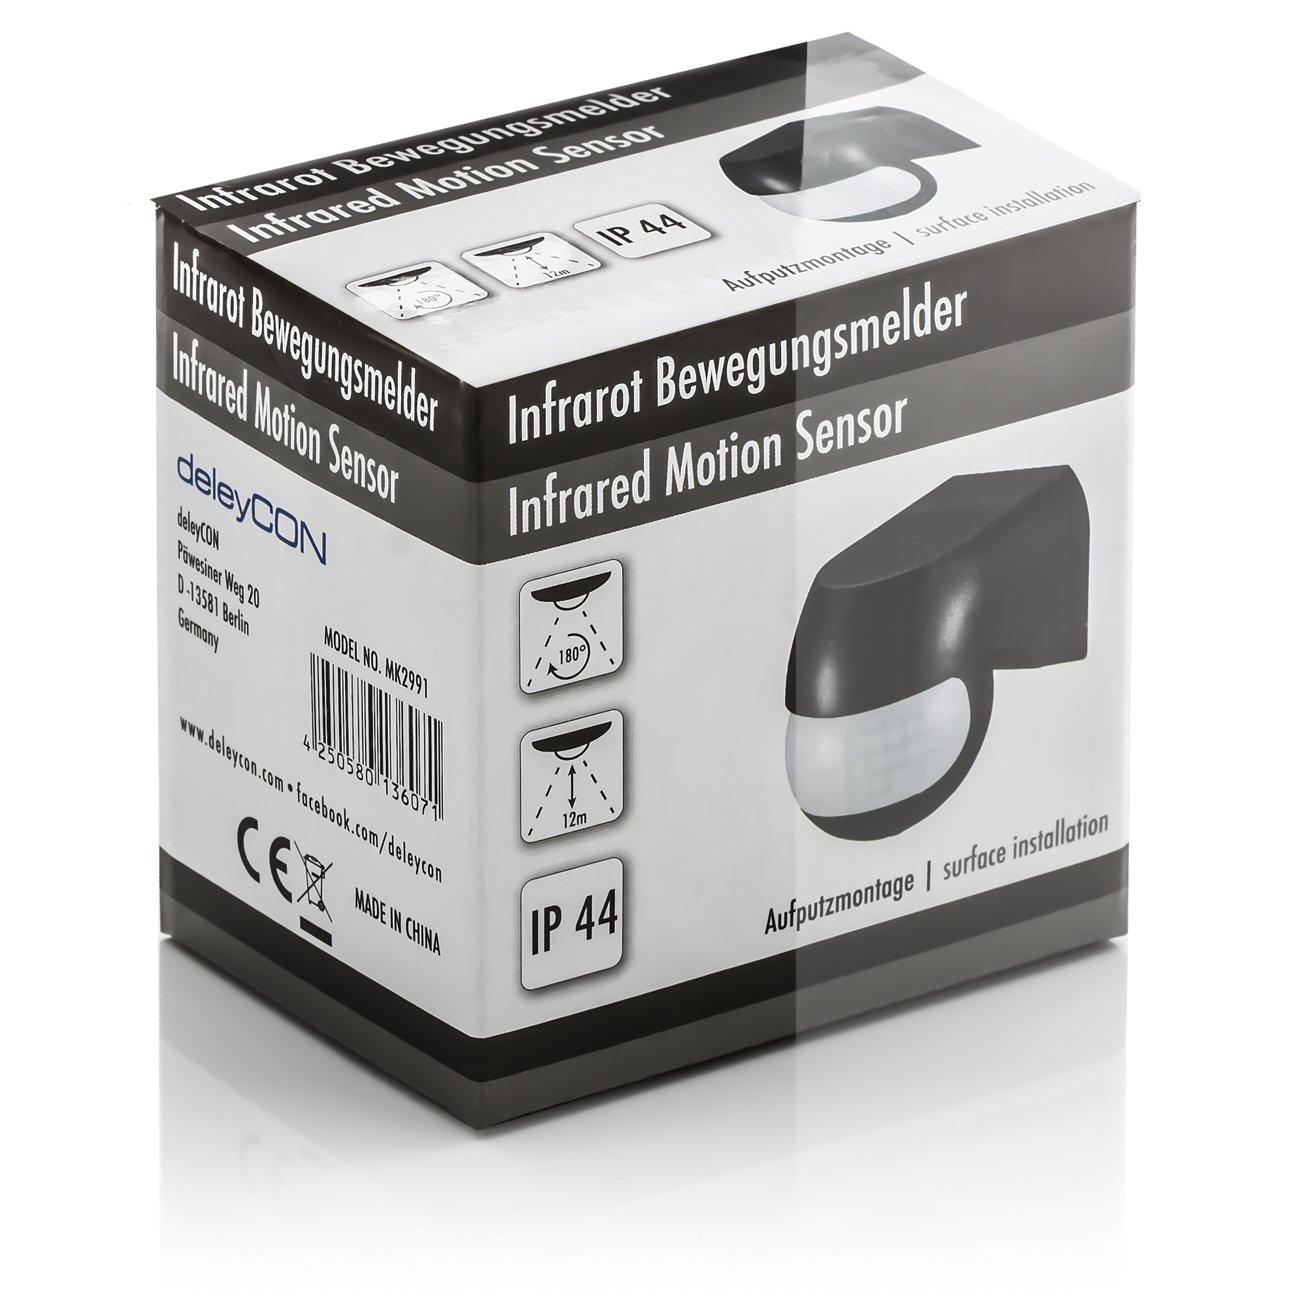 Negro Alcance de hasta 12m a 180/° Giratorio Inclinable IP44 a Prueba de Salpicaduras deleyCON 1x Infrarrojos Detector de Movimiento para el Interior y el Exterior